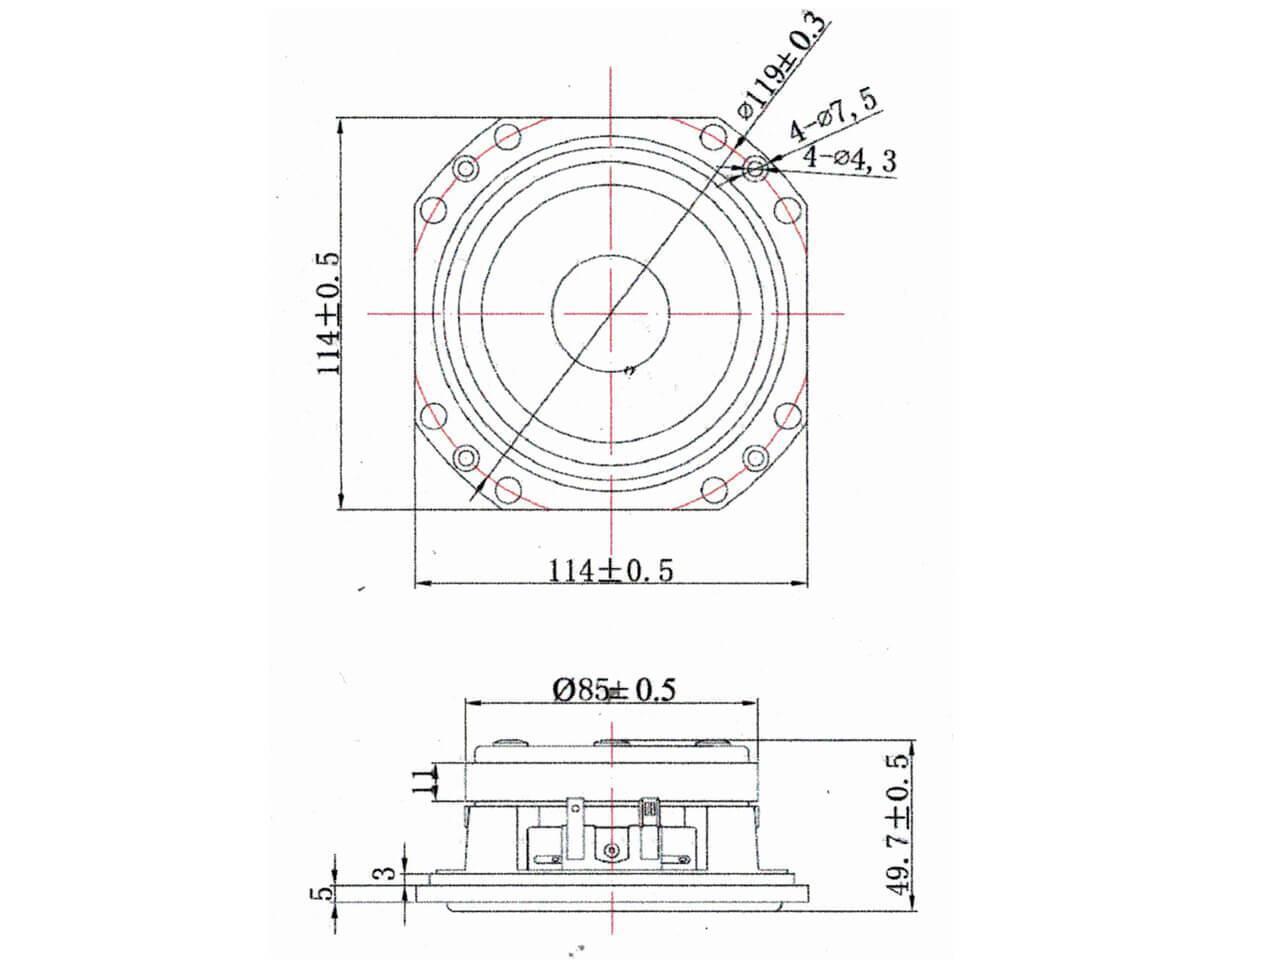 jbl l100t3 wiring diagram